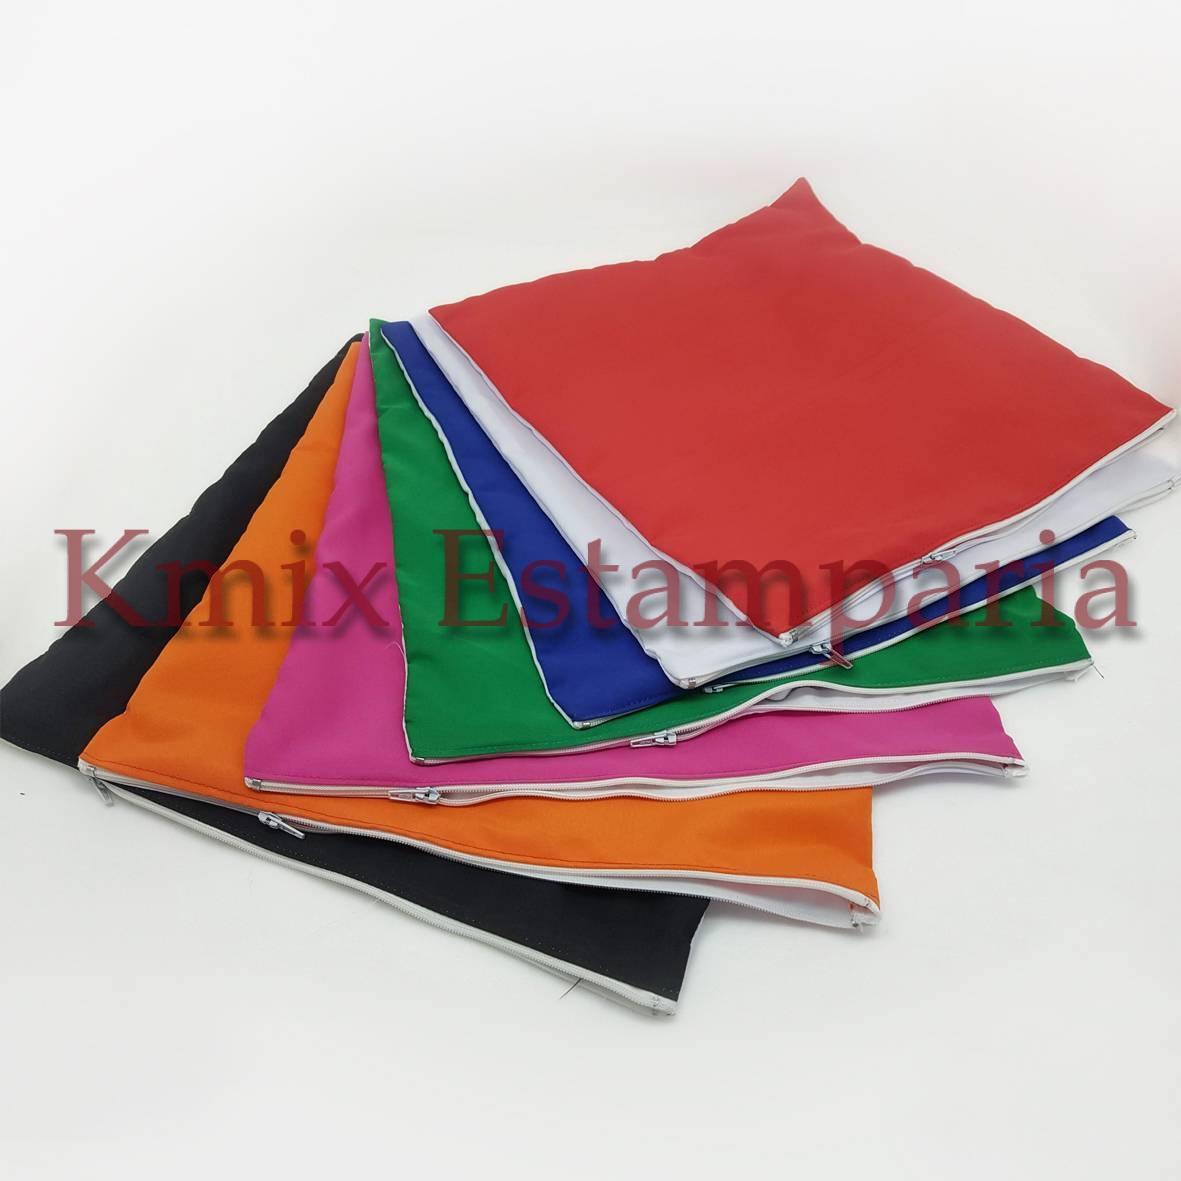 Capas 30x30 cm para sublimação com ziper (pedido minimo 10 p - kmix estamparia